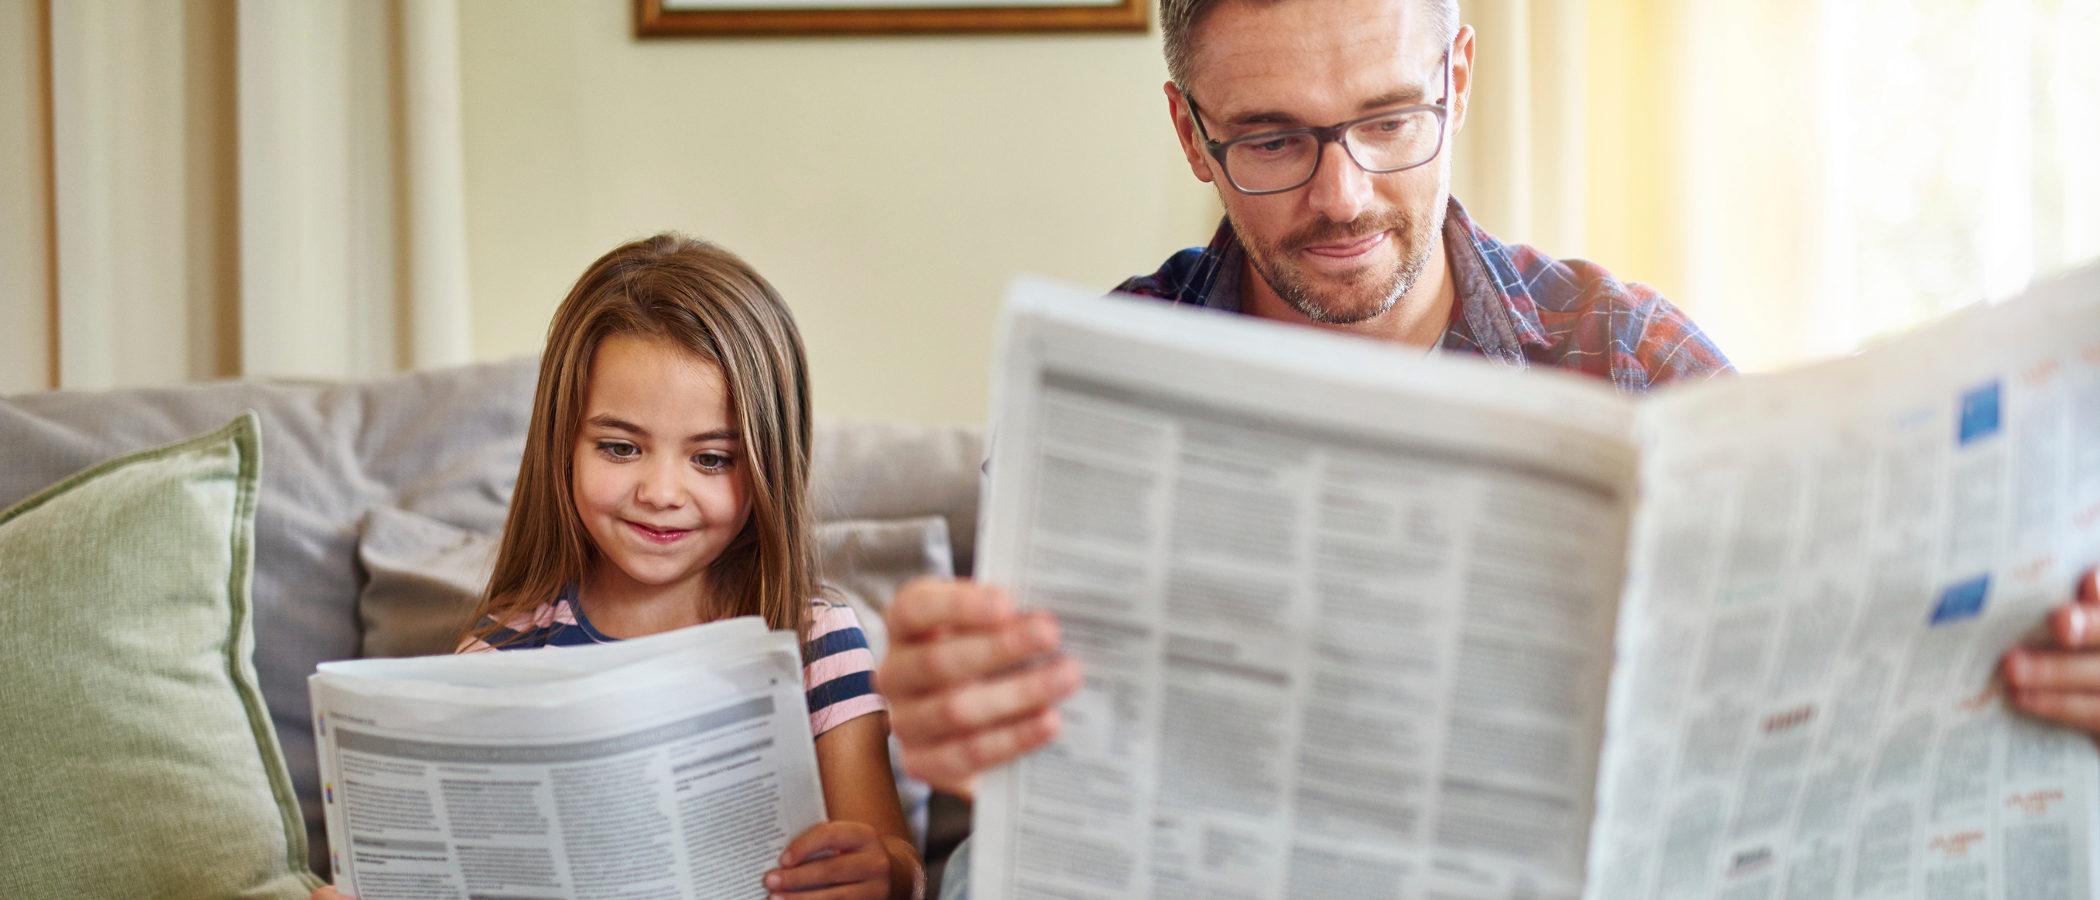 7 cosas en las que debemos dar ejemplo a nuestros hijos